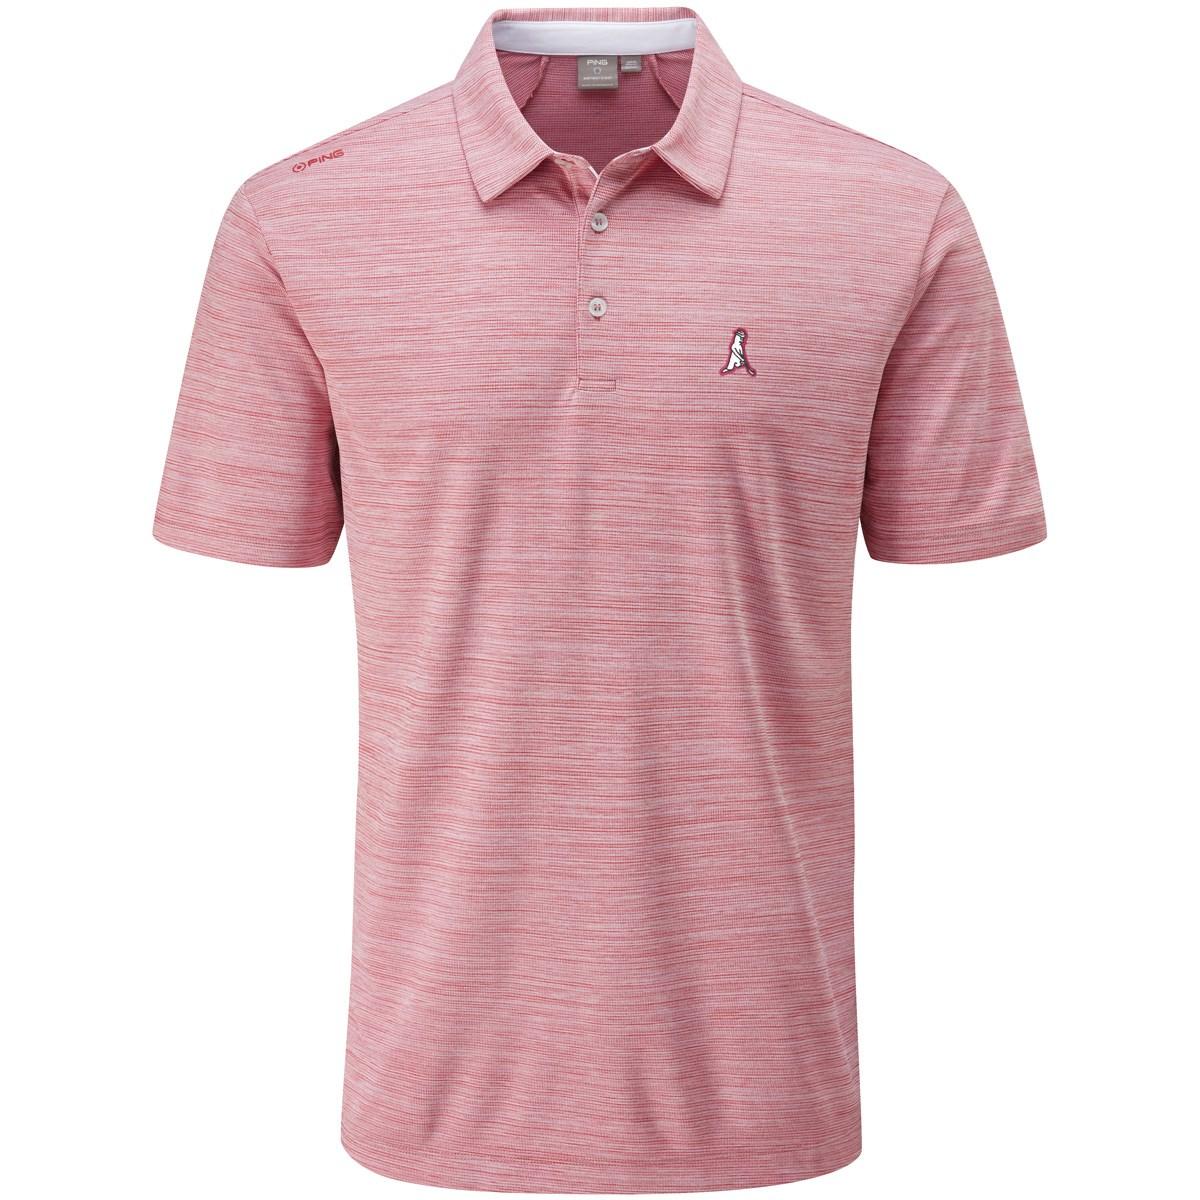 ピン(PING) マイルズ 半袖ポロシャツ